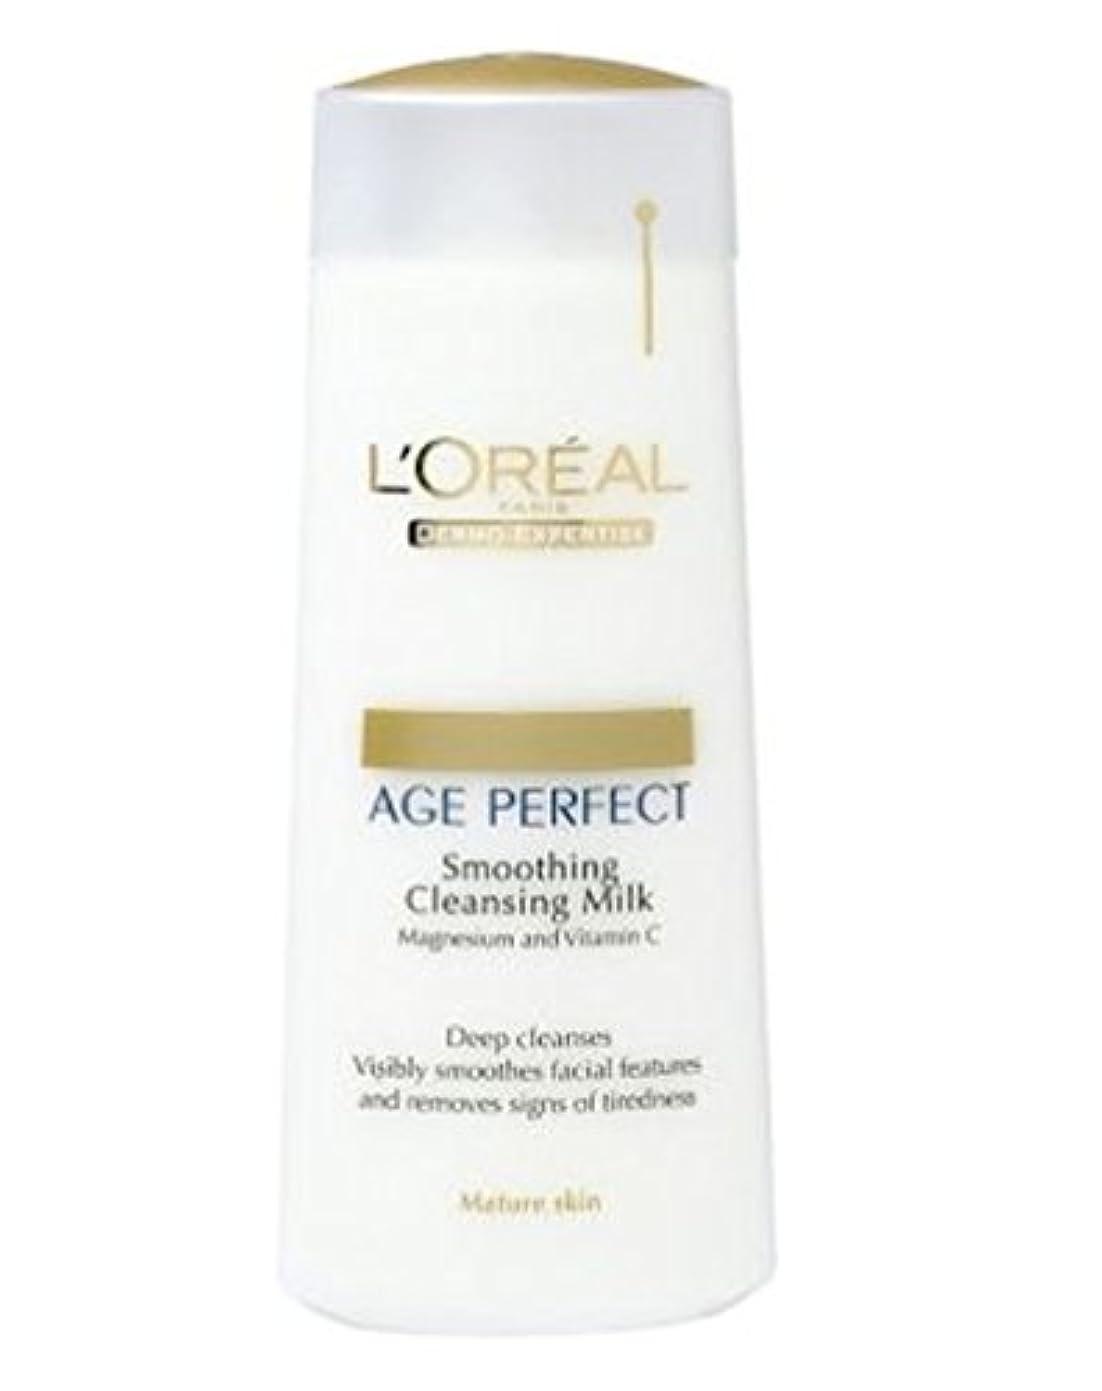 刈る一時解雇する父方のL'Oreall真皮専門知識の年齢、完璧なスムージングクレンジングミルク200ミリリットル (L'Oreal) (x2) - L'Oreall Dermo-Expertise Age Perfect Smoothing...